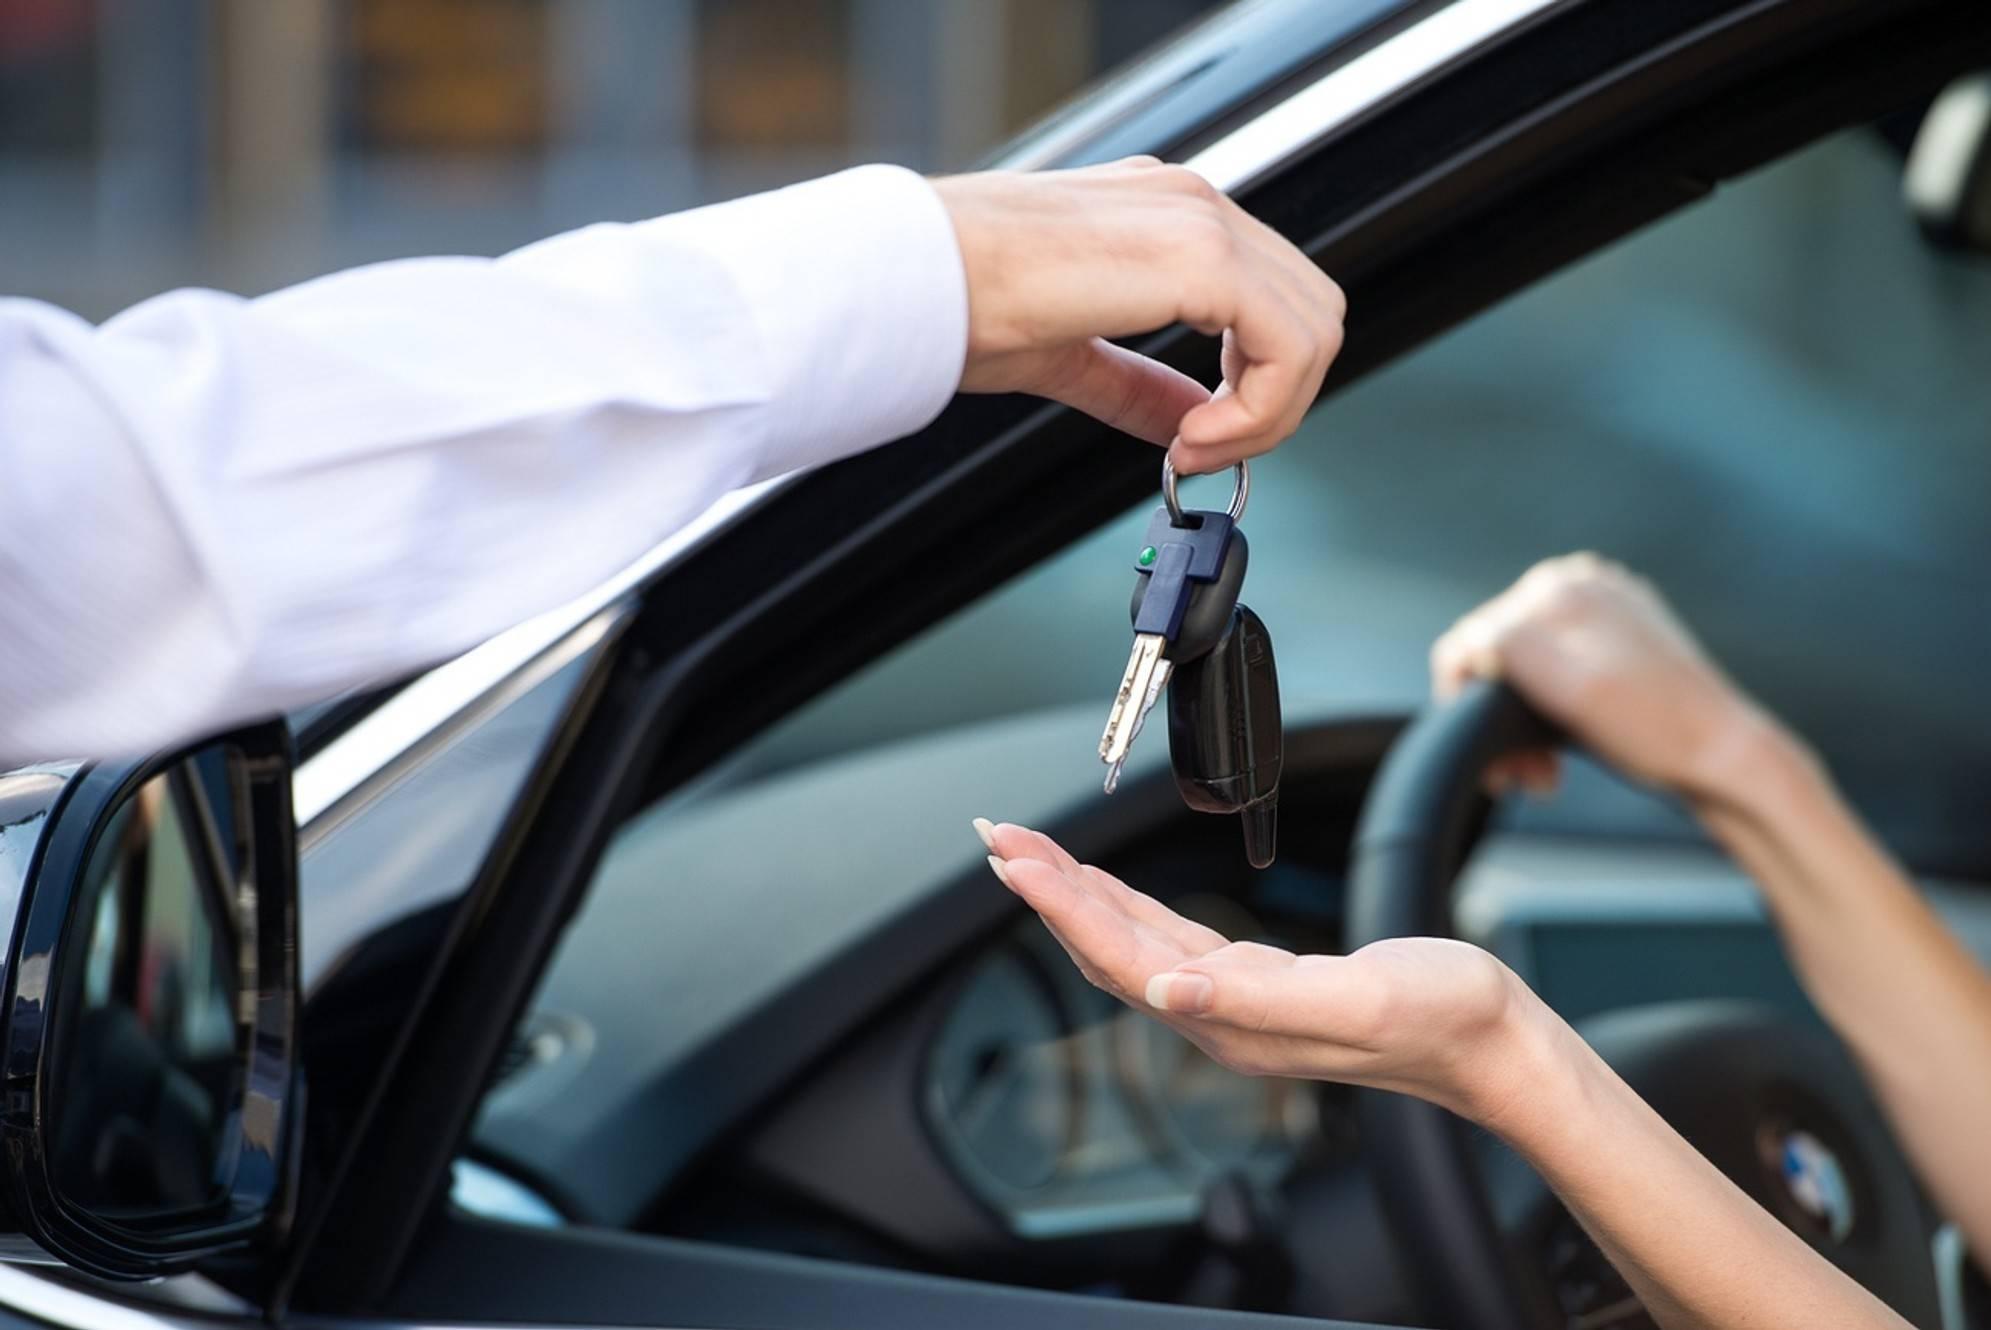 Аренда авто в праге — цены 2021, особенности вождения, парковки, штрафы